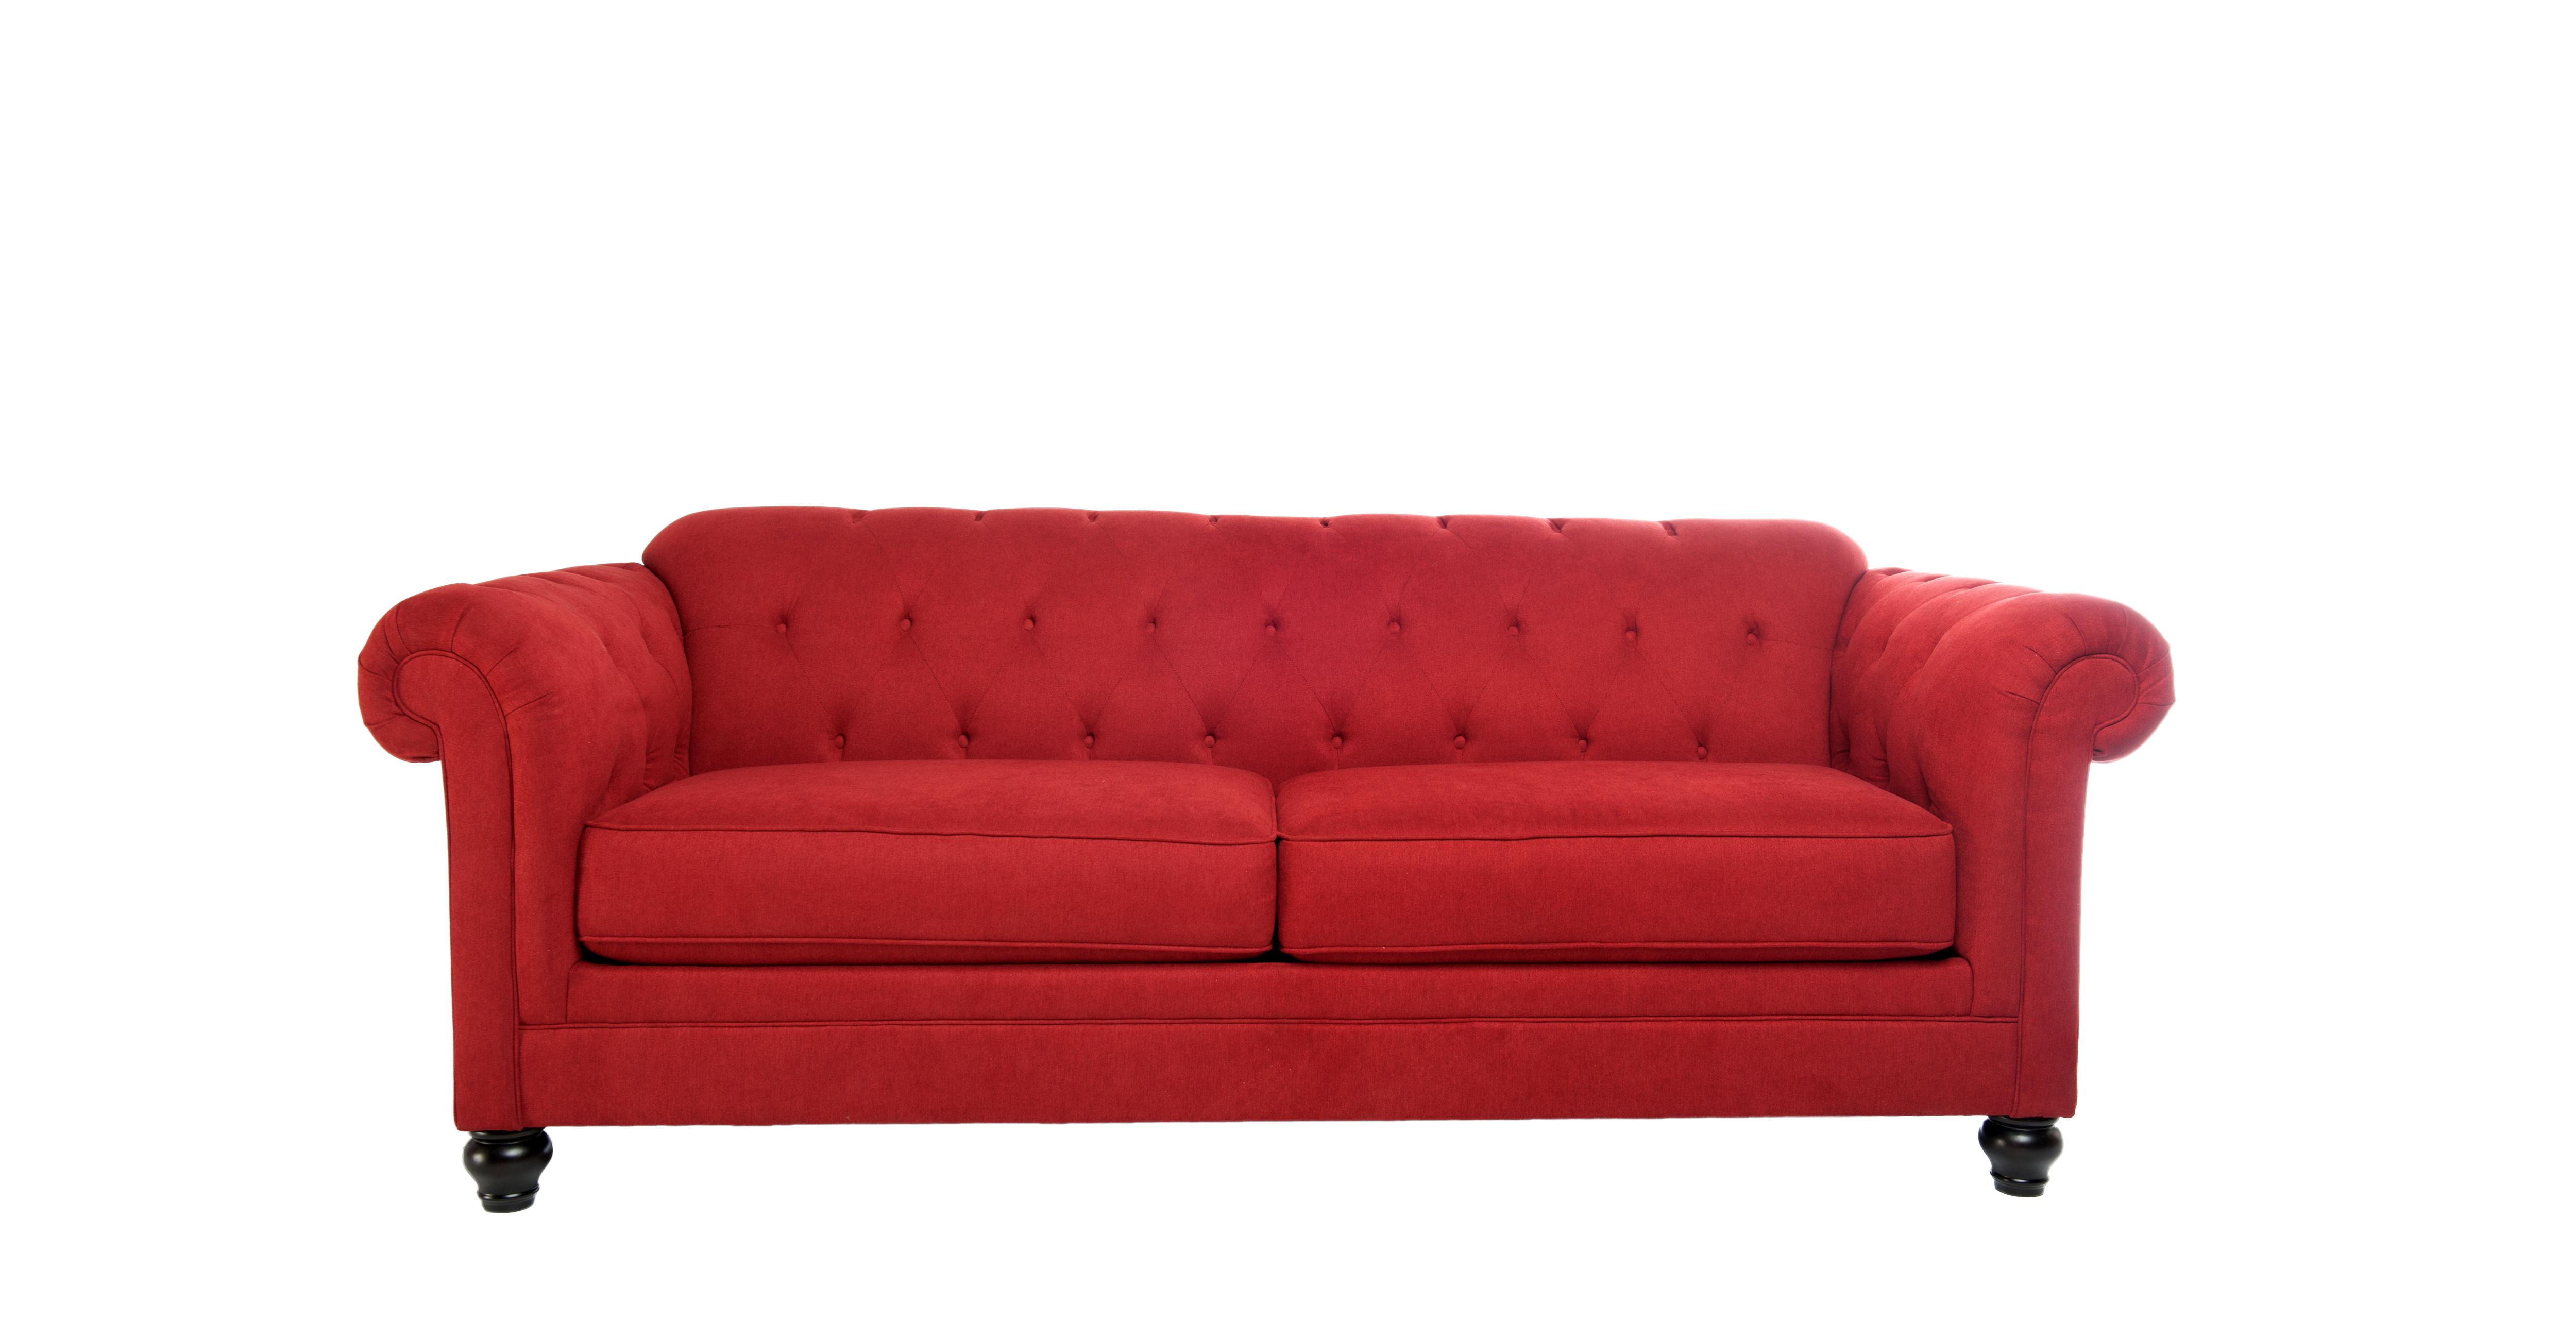 Red Sofa good red sofa 45 for sofa design ideas with red sofa RZSDIJU